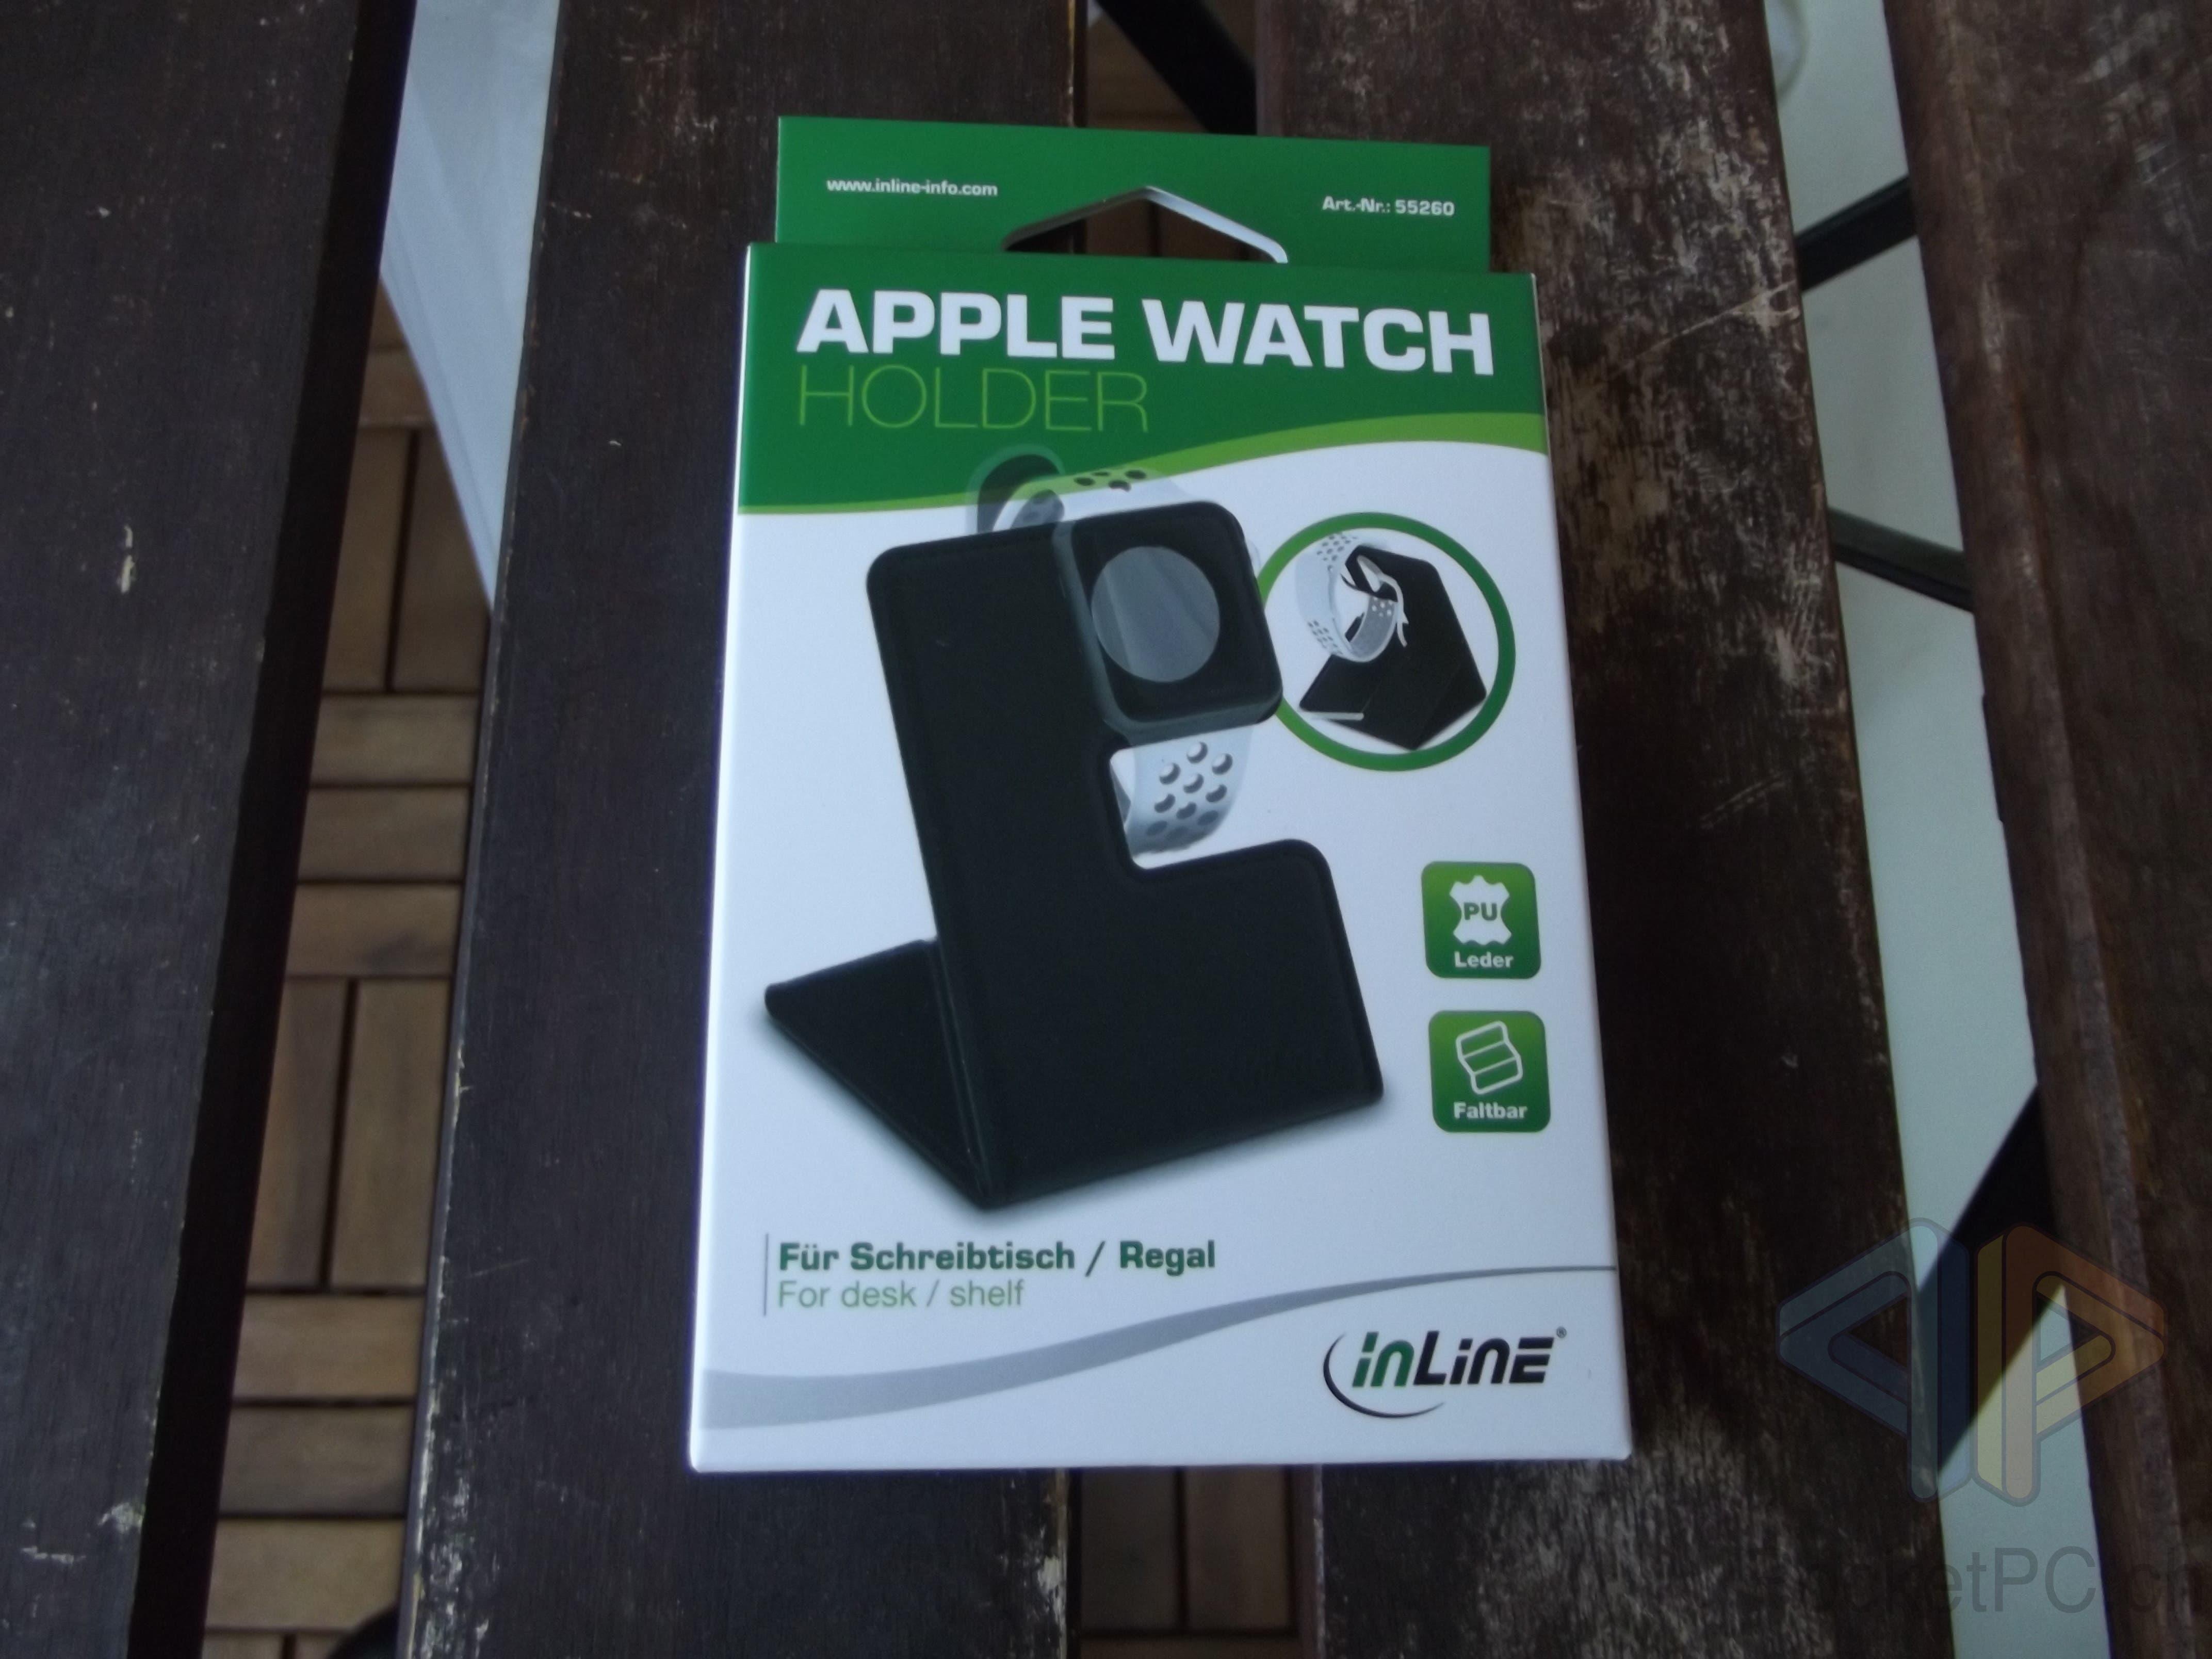 InLine AppleWatch Holder